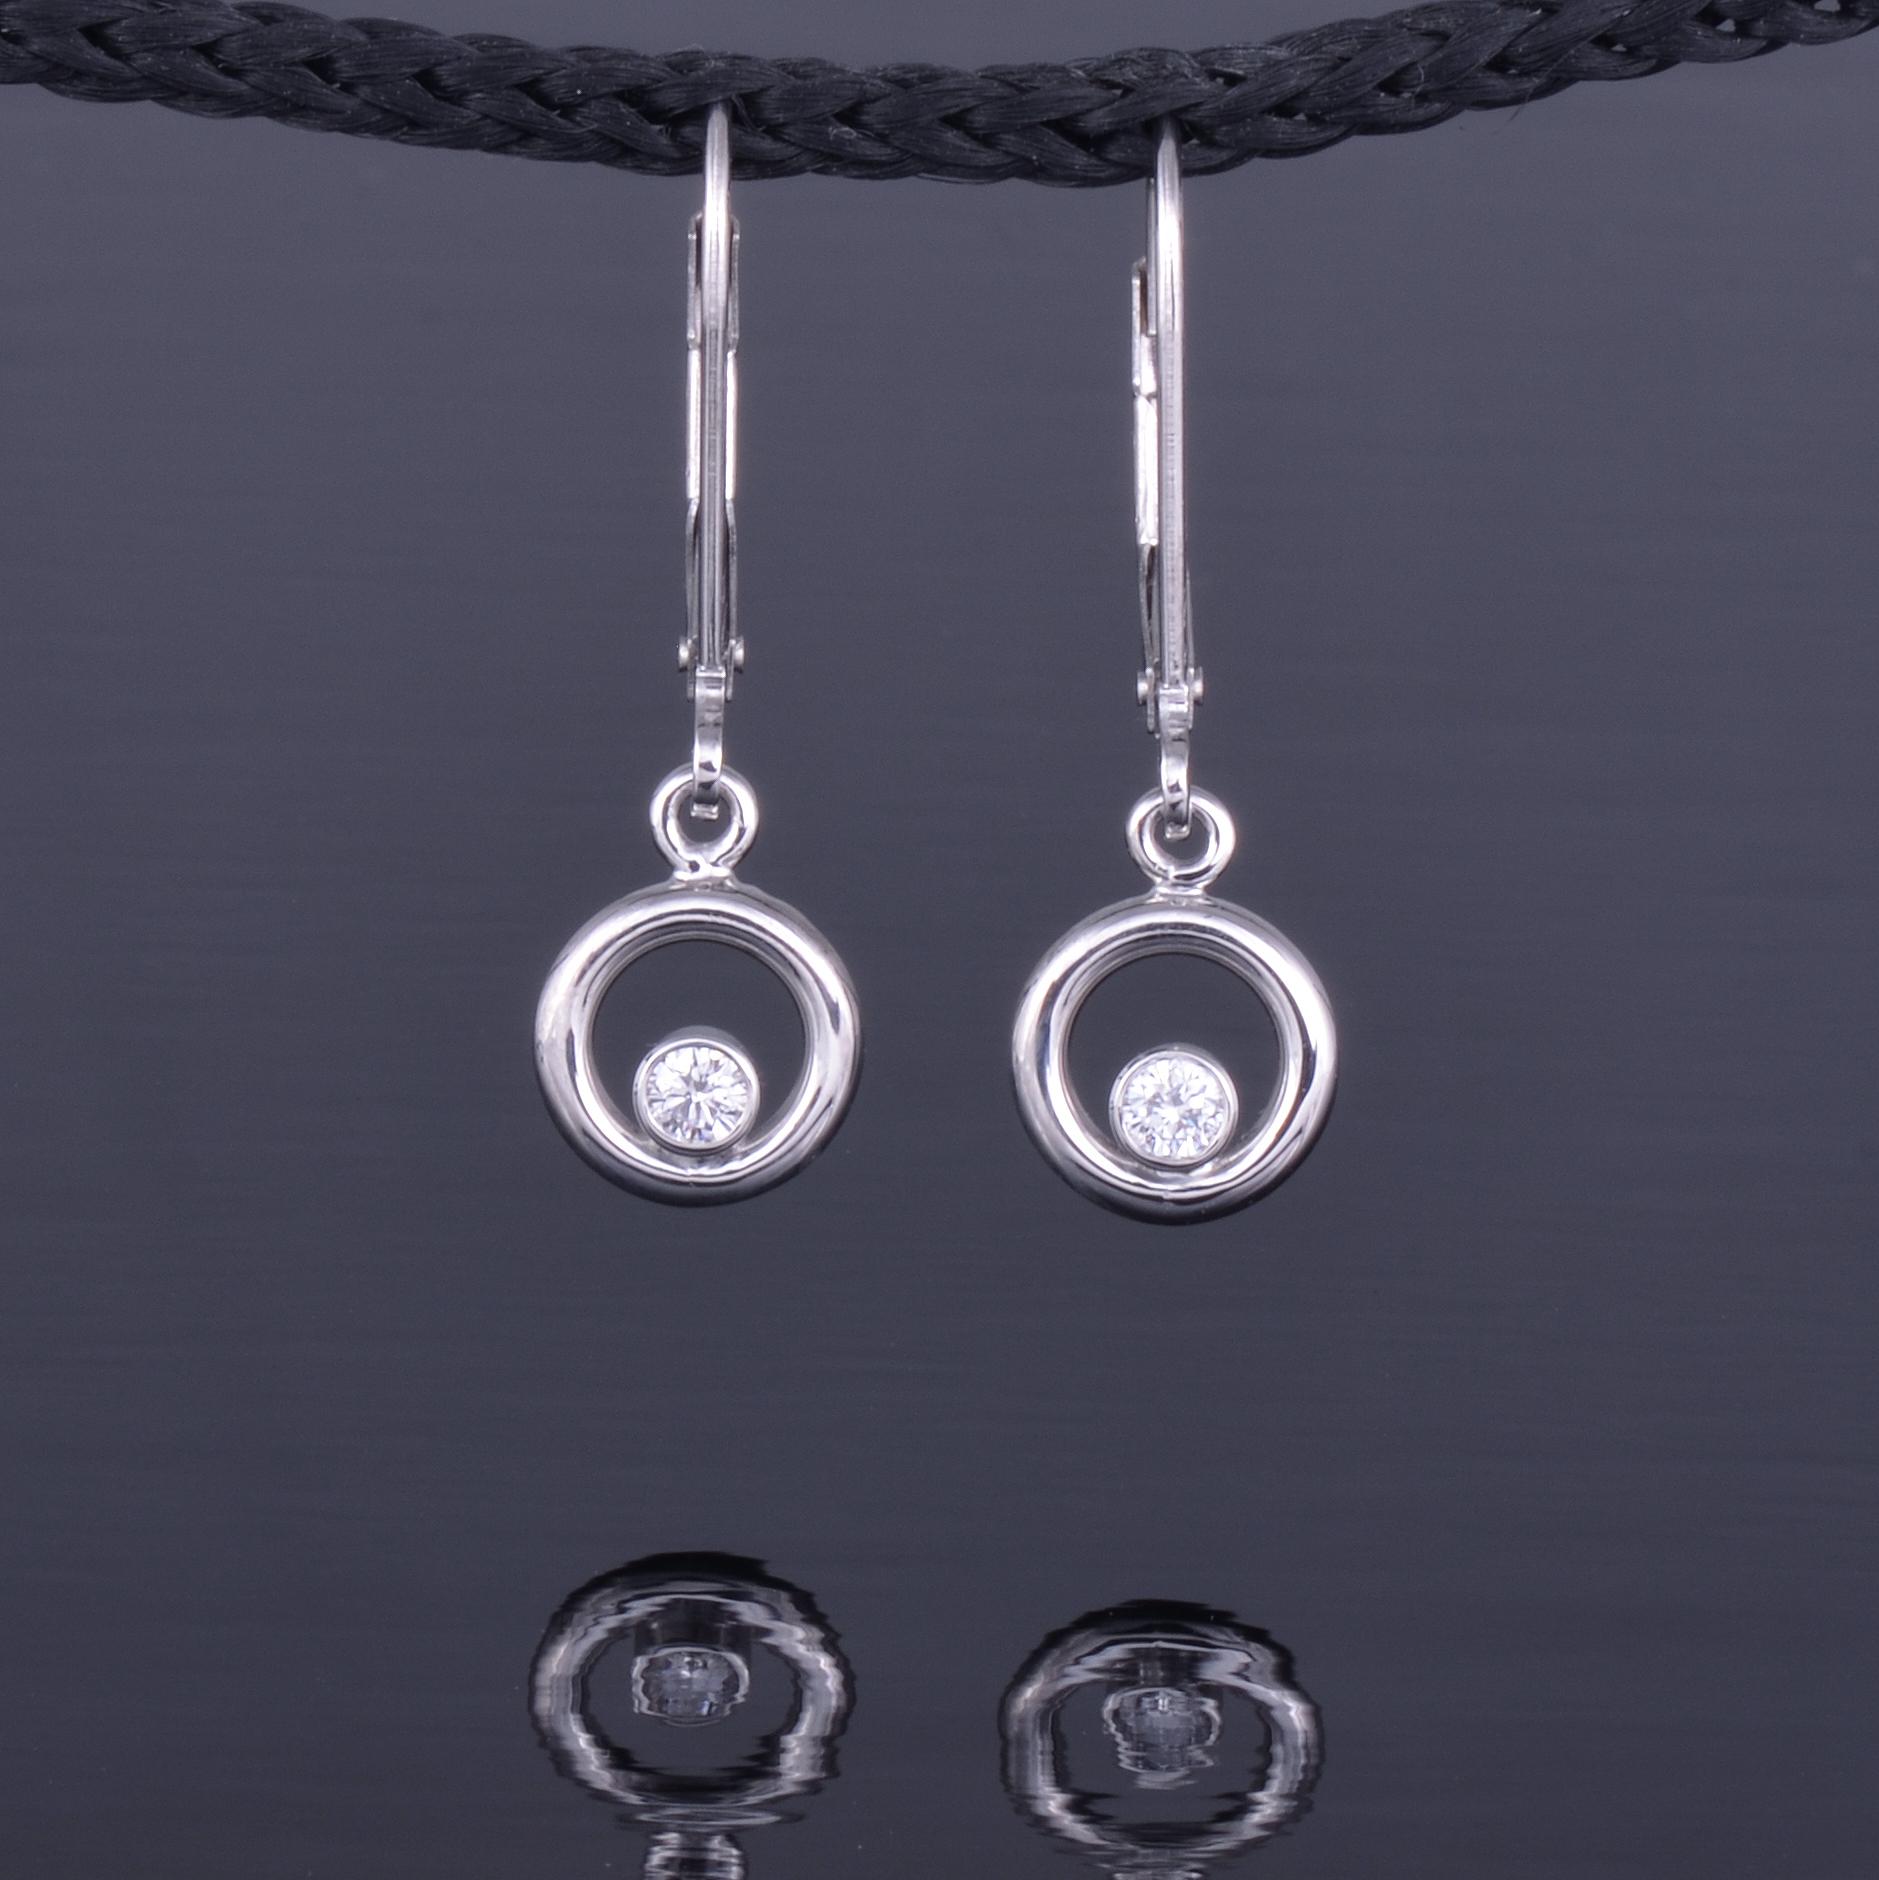 8mm phi earring